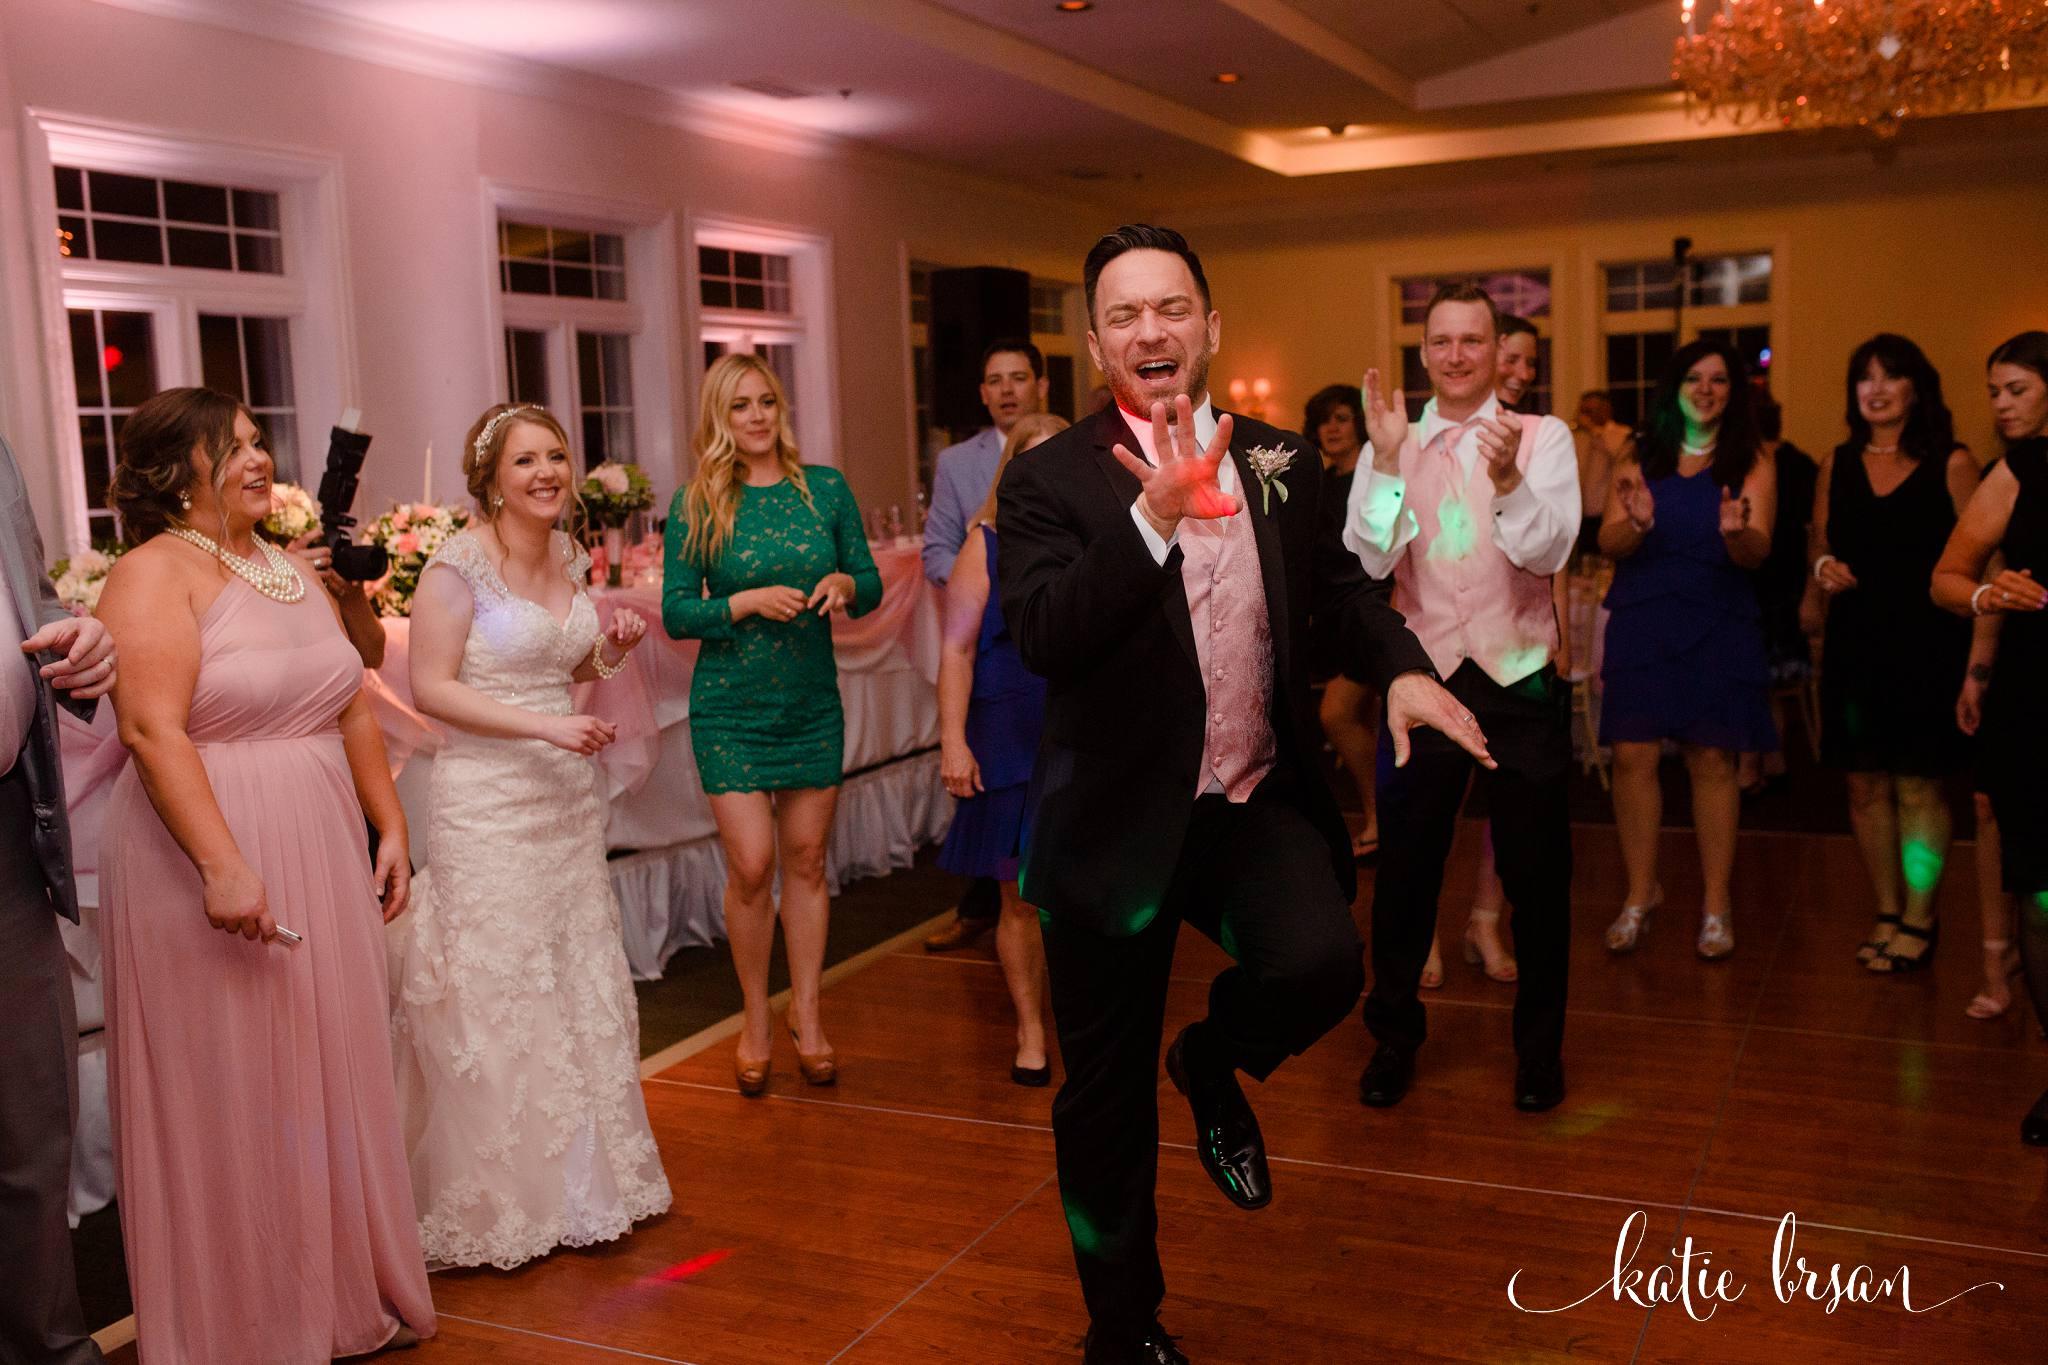 Mokena_Lemont_Wedding_Ruffled_Feathers_Wedding_1455.jpg